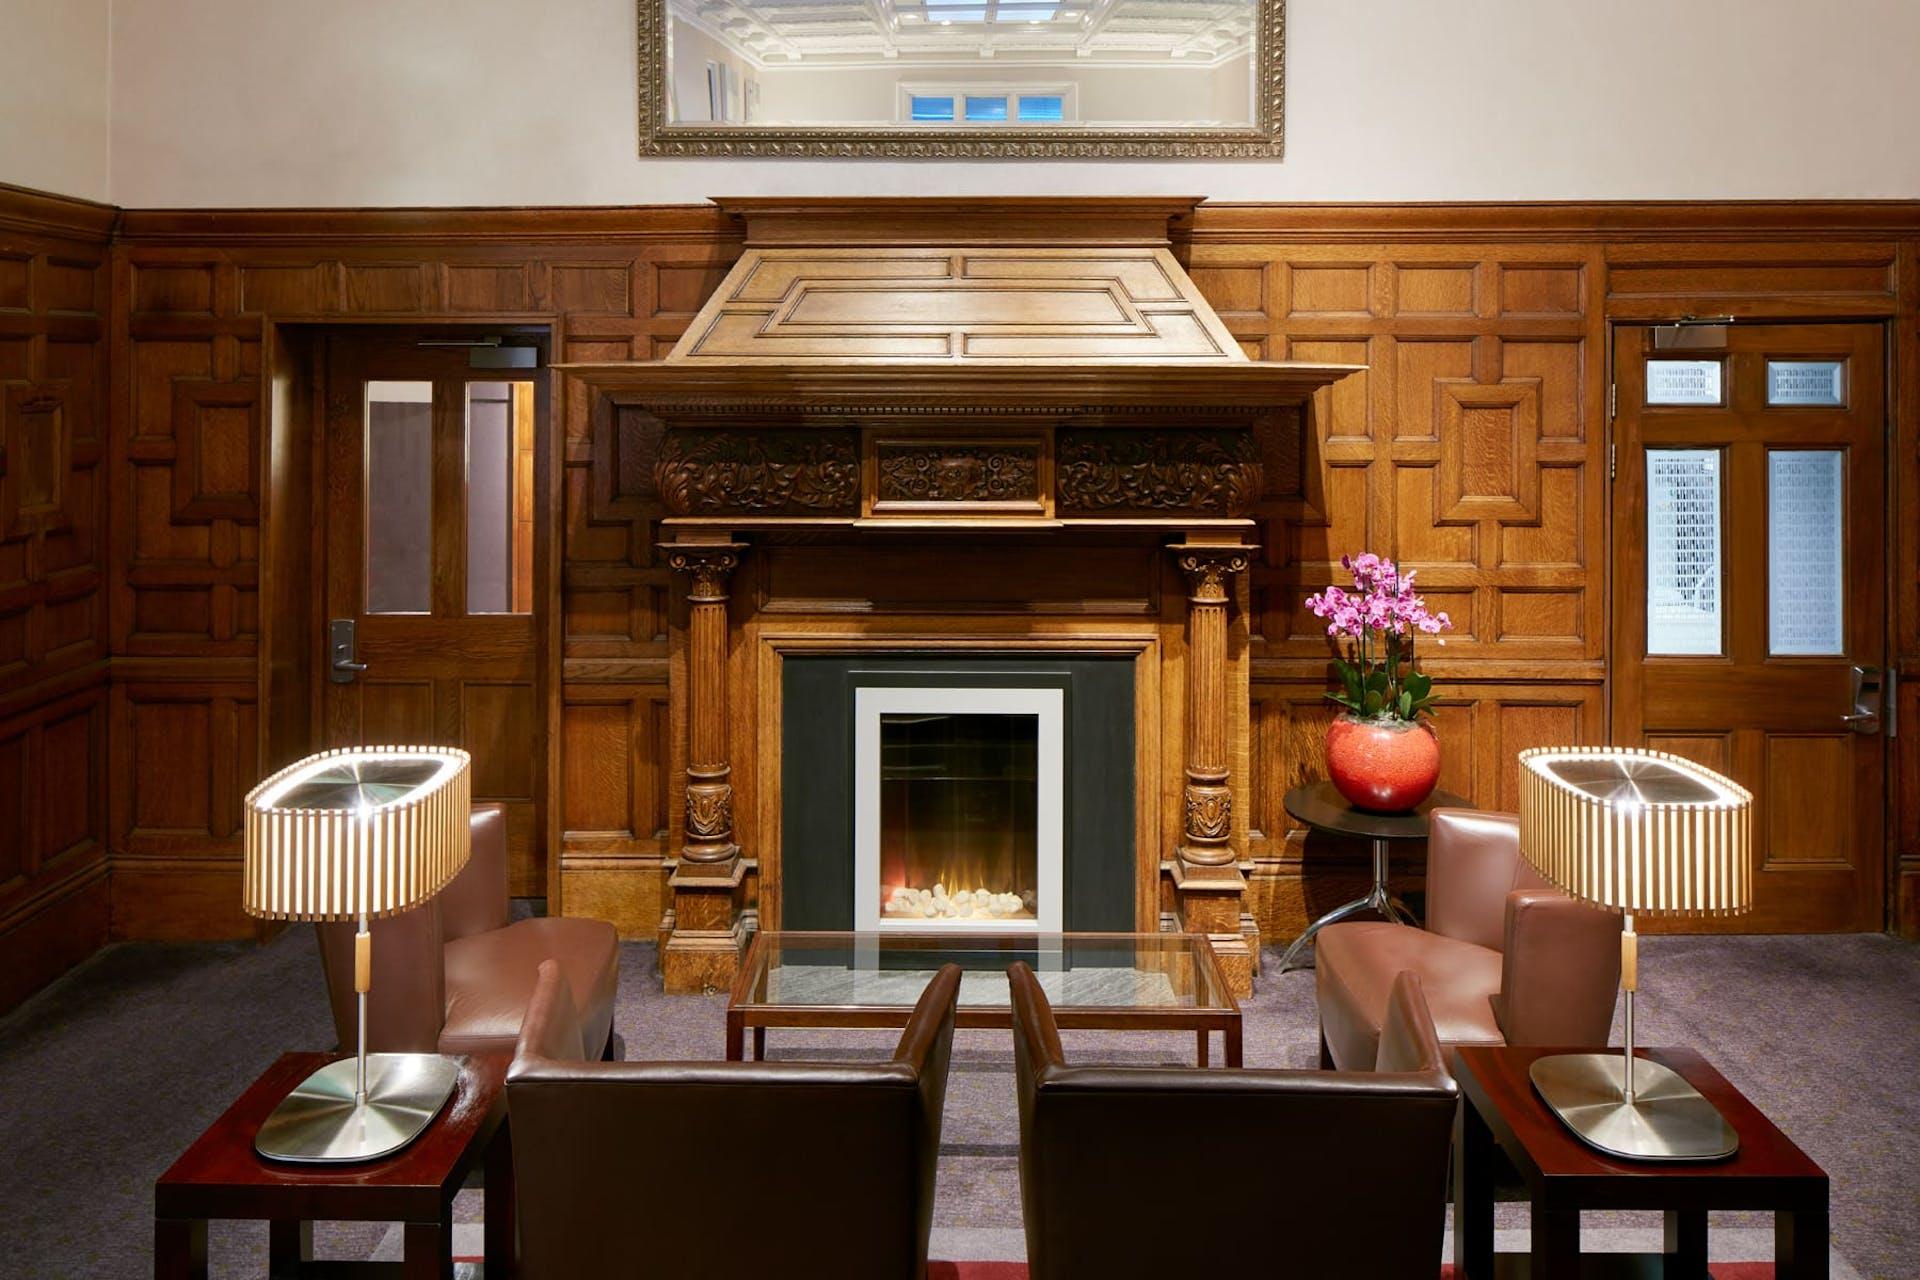 Club Living Room at CQ Hotel, Trafalgar Square, London